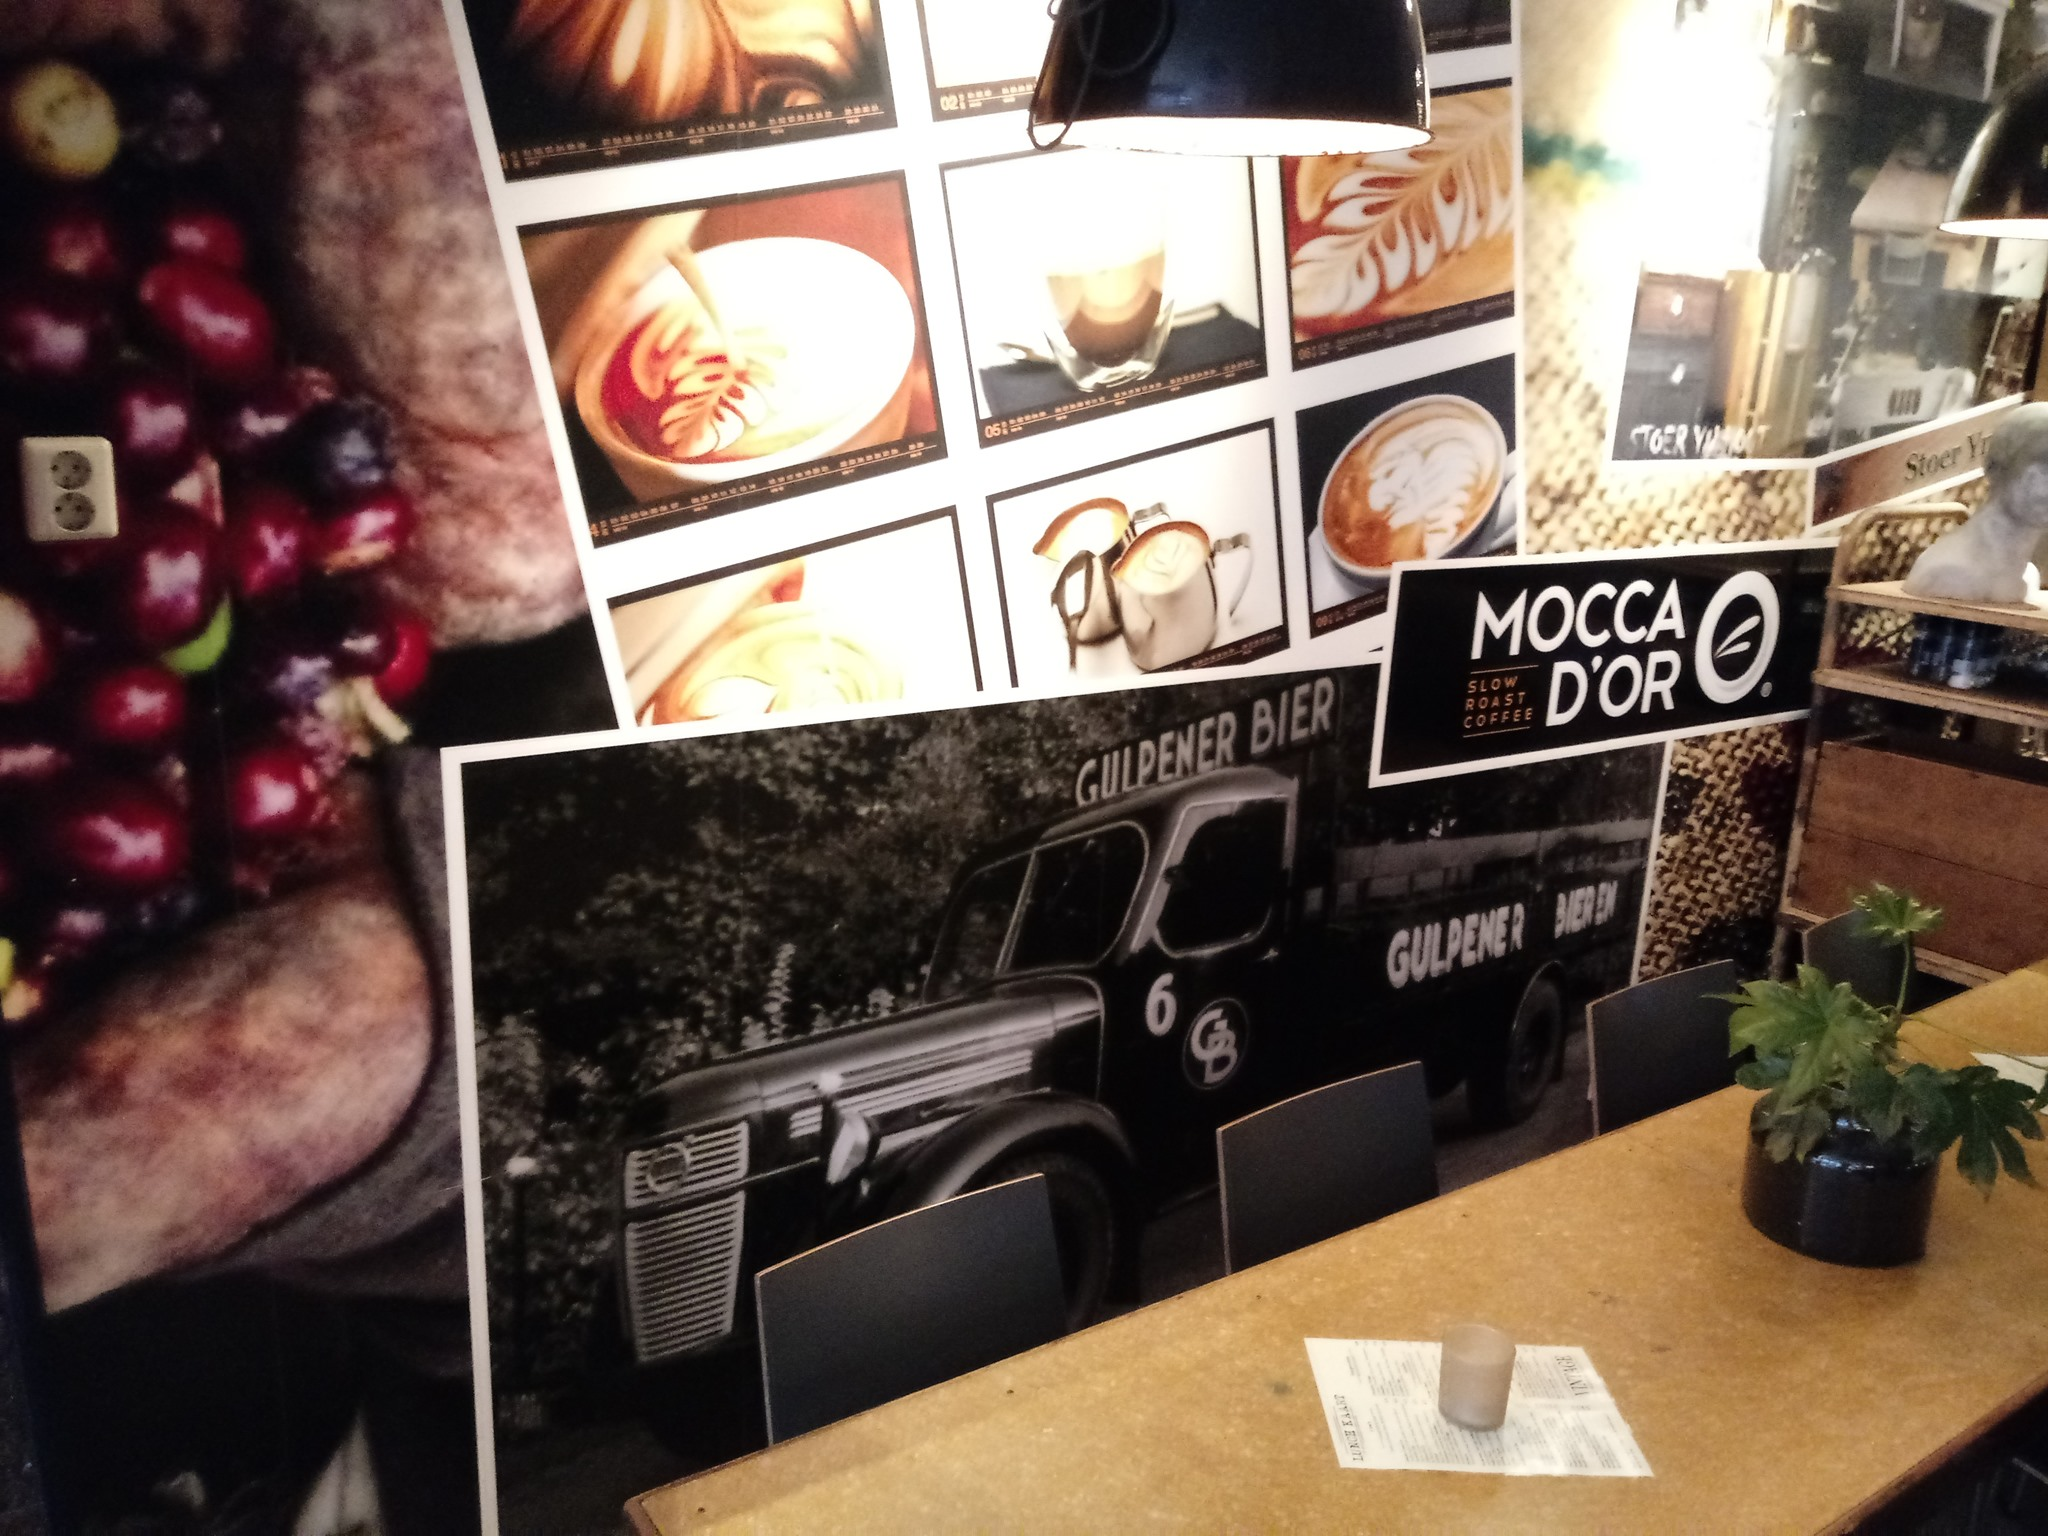 Volvo--Prachtige-foto--deze-foto-kwam-ik-vorig-jaar-in-een-brasserie-in-Heerenveen-tegen-Loek-Delnoy-foto